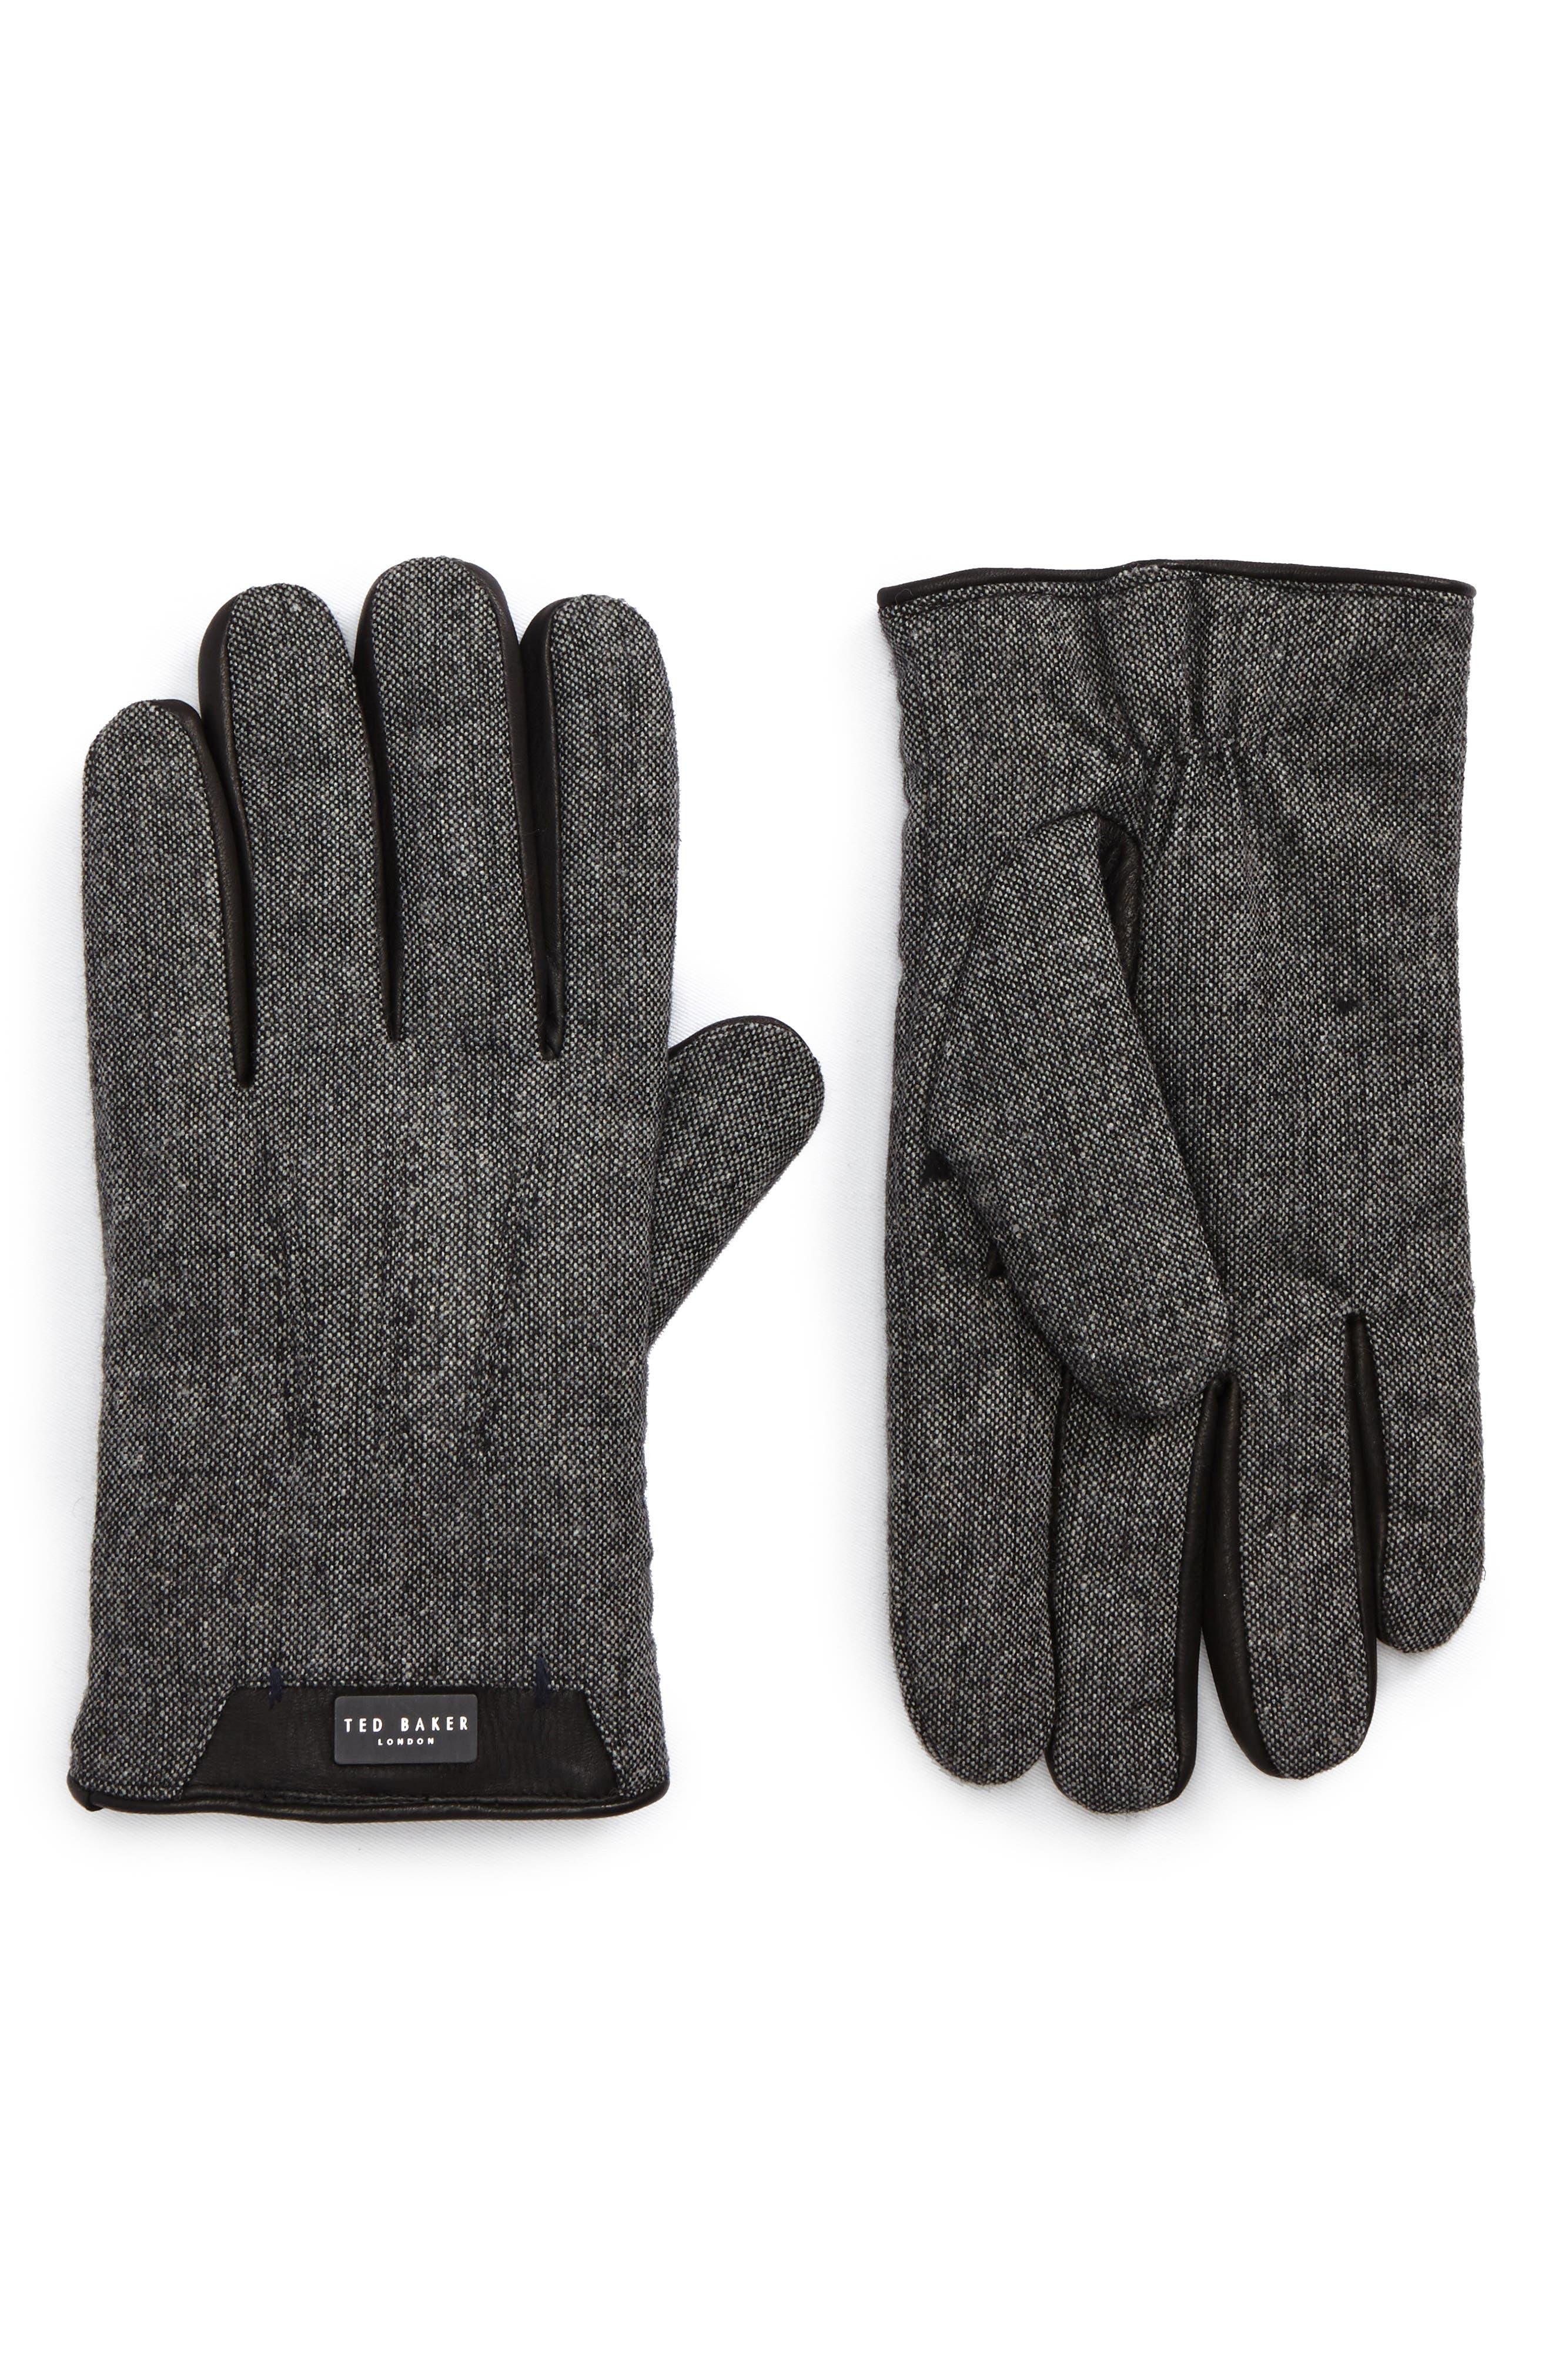 Ted Baker London Slick Leather Trim Gloves